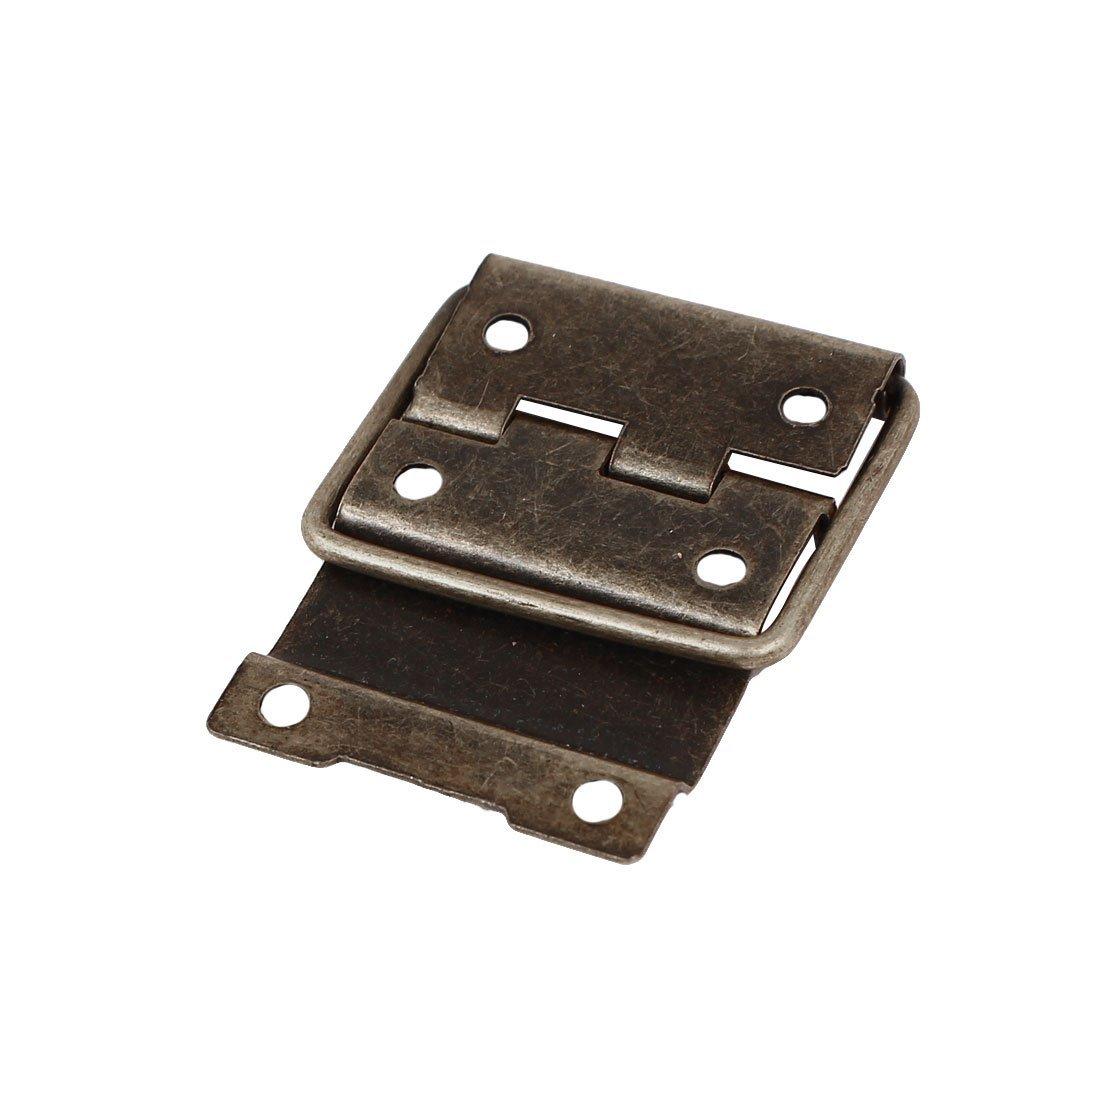 eDealMax della cassa della scatola Retro Style Posizionamento Supporto Cerniere tono del bronzo 44mmx30mm 20pcs